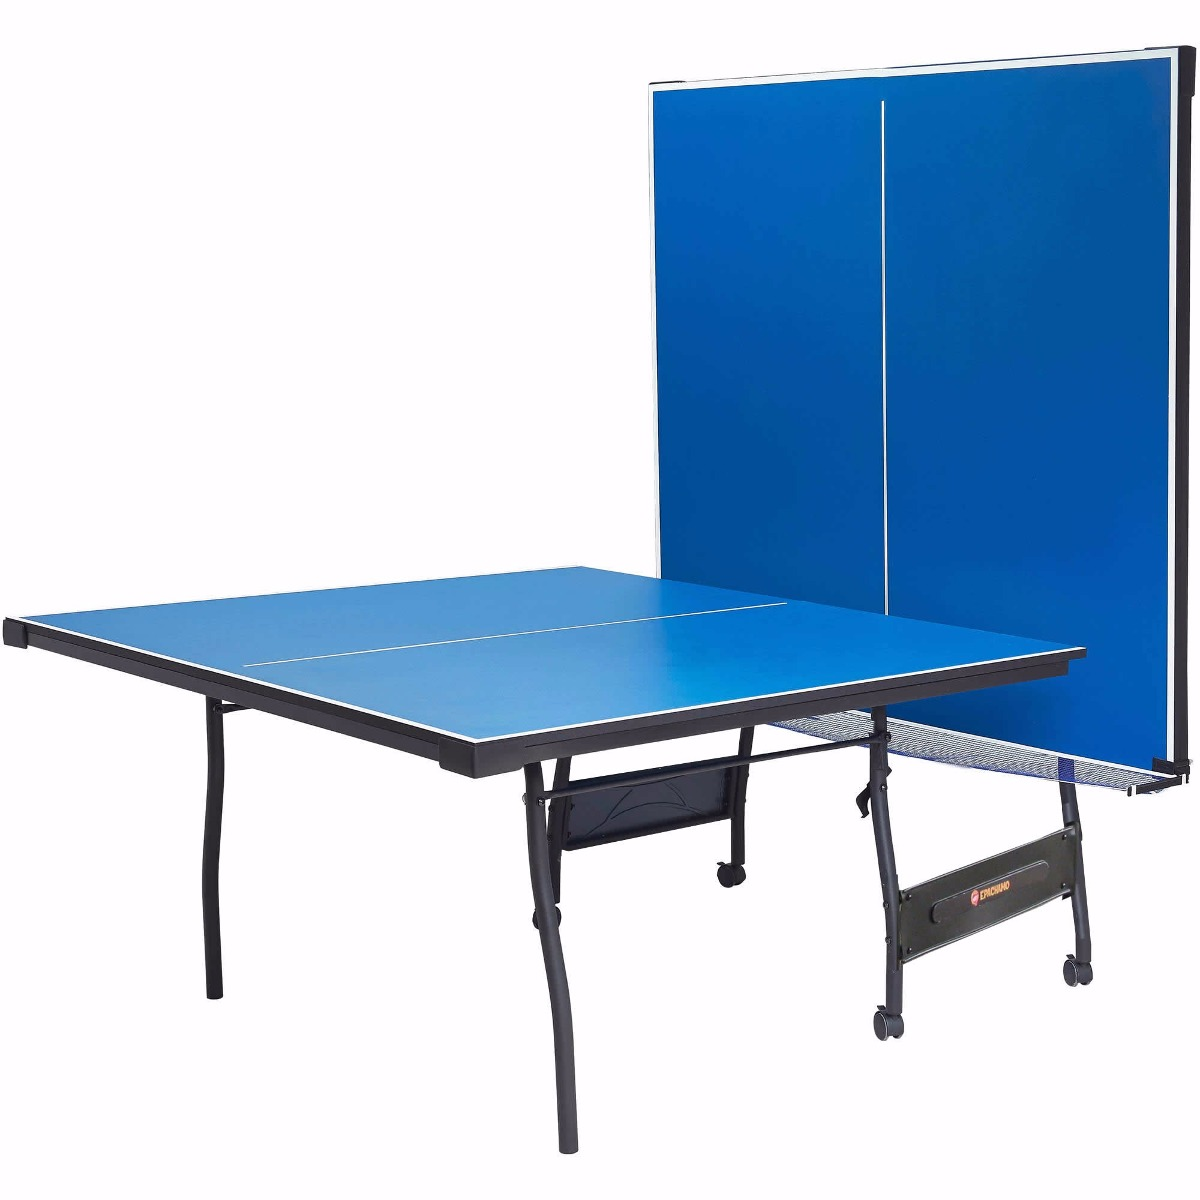 Mesa ping pong 15 mm plegable b415 serimobil tenis de for Mesa tenis de mesa